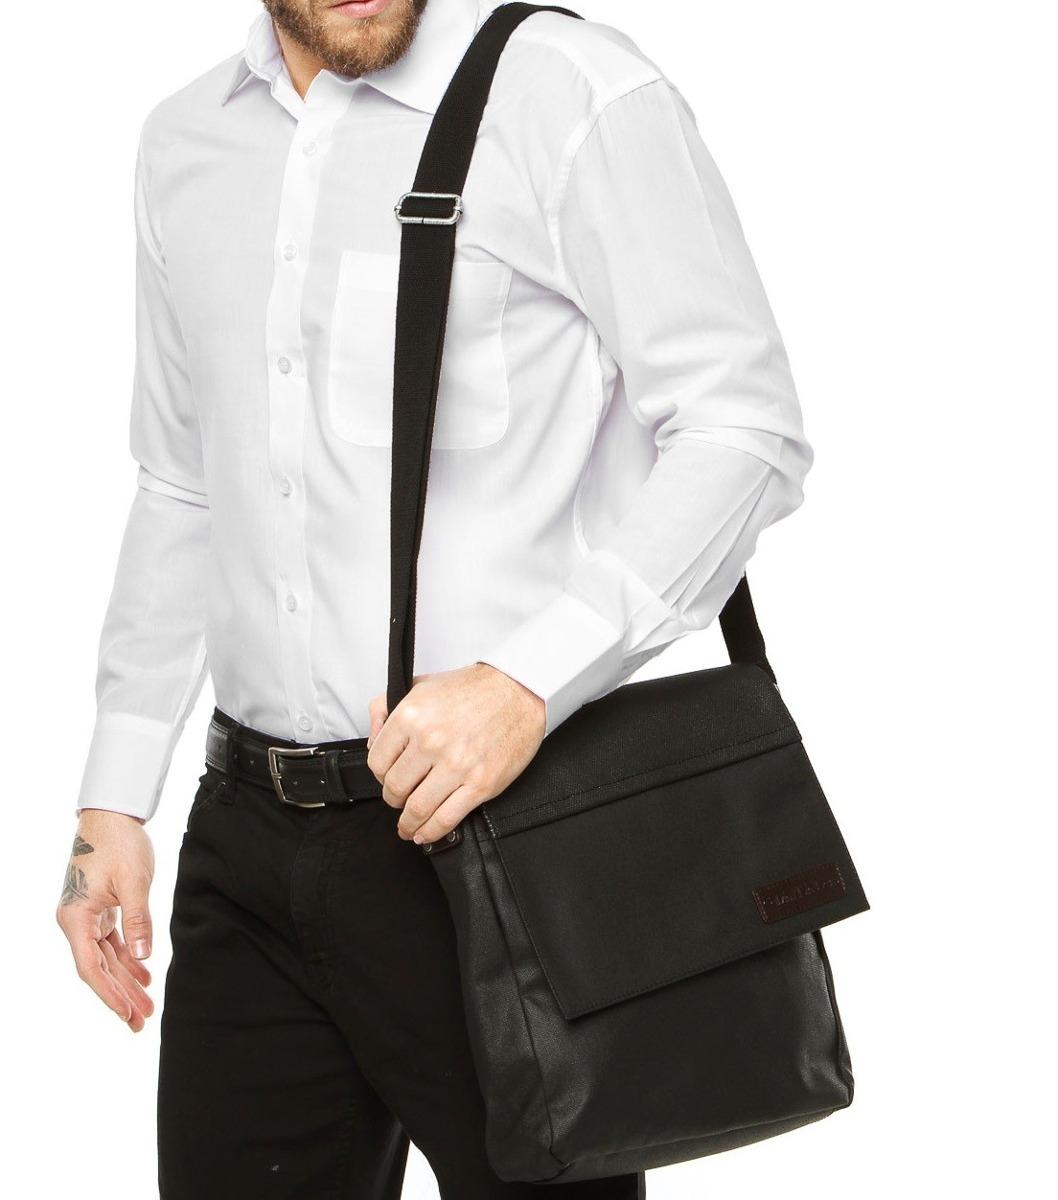 Bolsa De Couro Masculina Lateral : Bolsa masculina carteiro calvin klein transversal couro